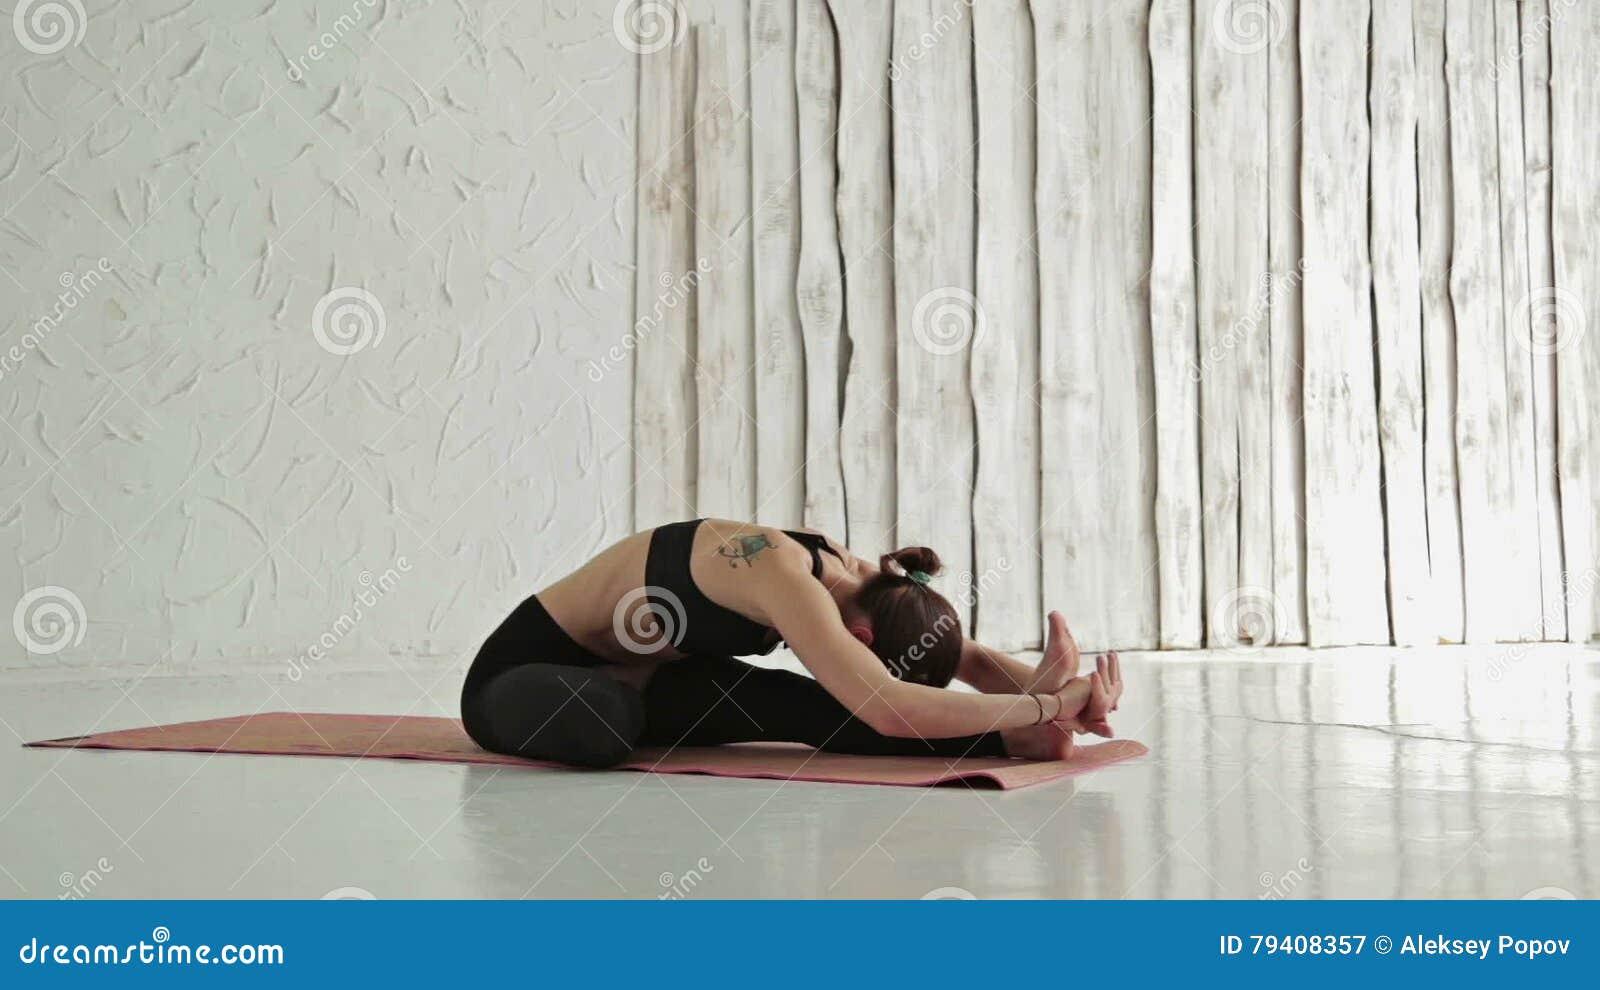 Ufficio Disegno Yoga : Yoga di pratica della giovane donna sportiva sirshasana di janu